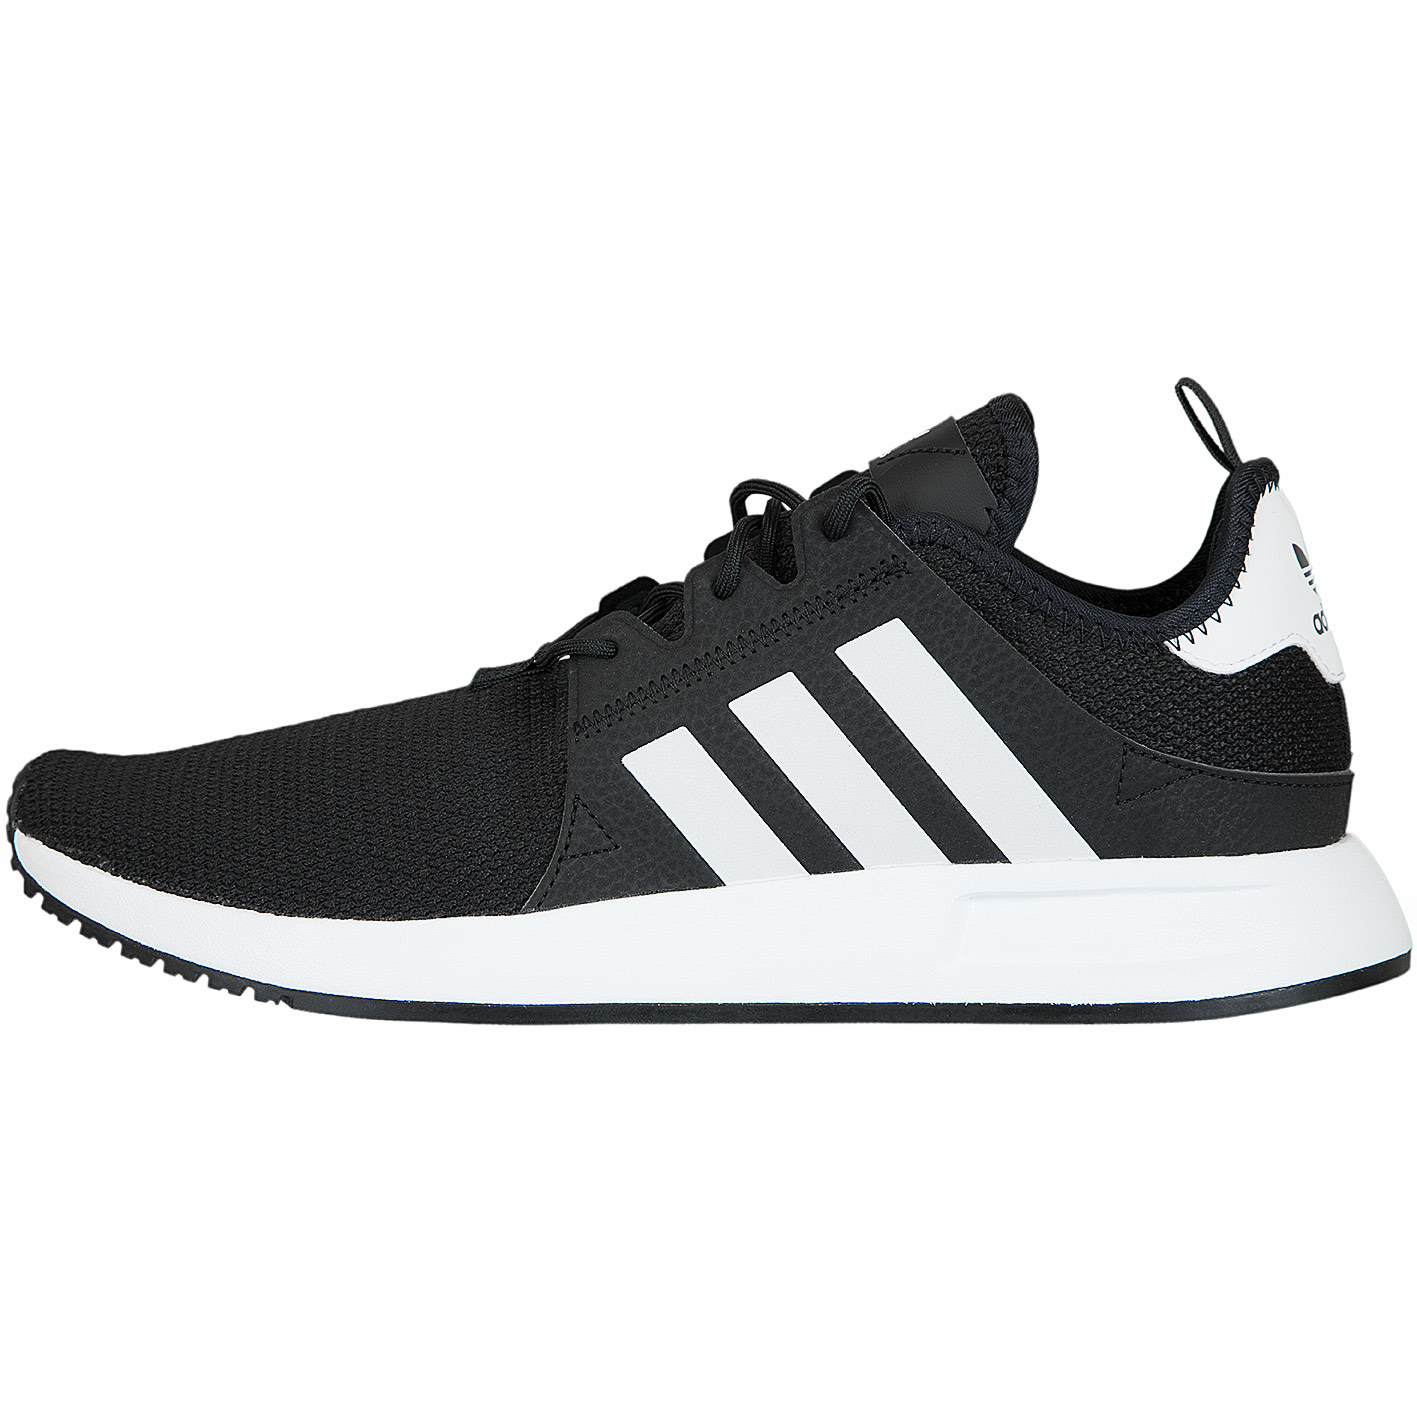 ? Adidas Originals Sneaker X PLR schwarzweiß hier bestellen!